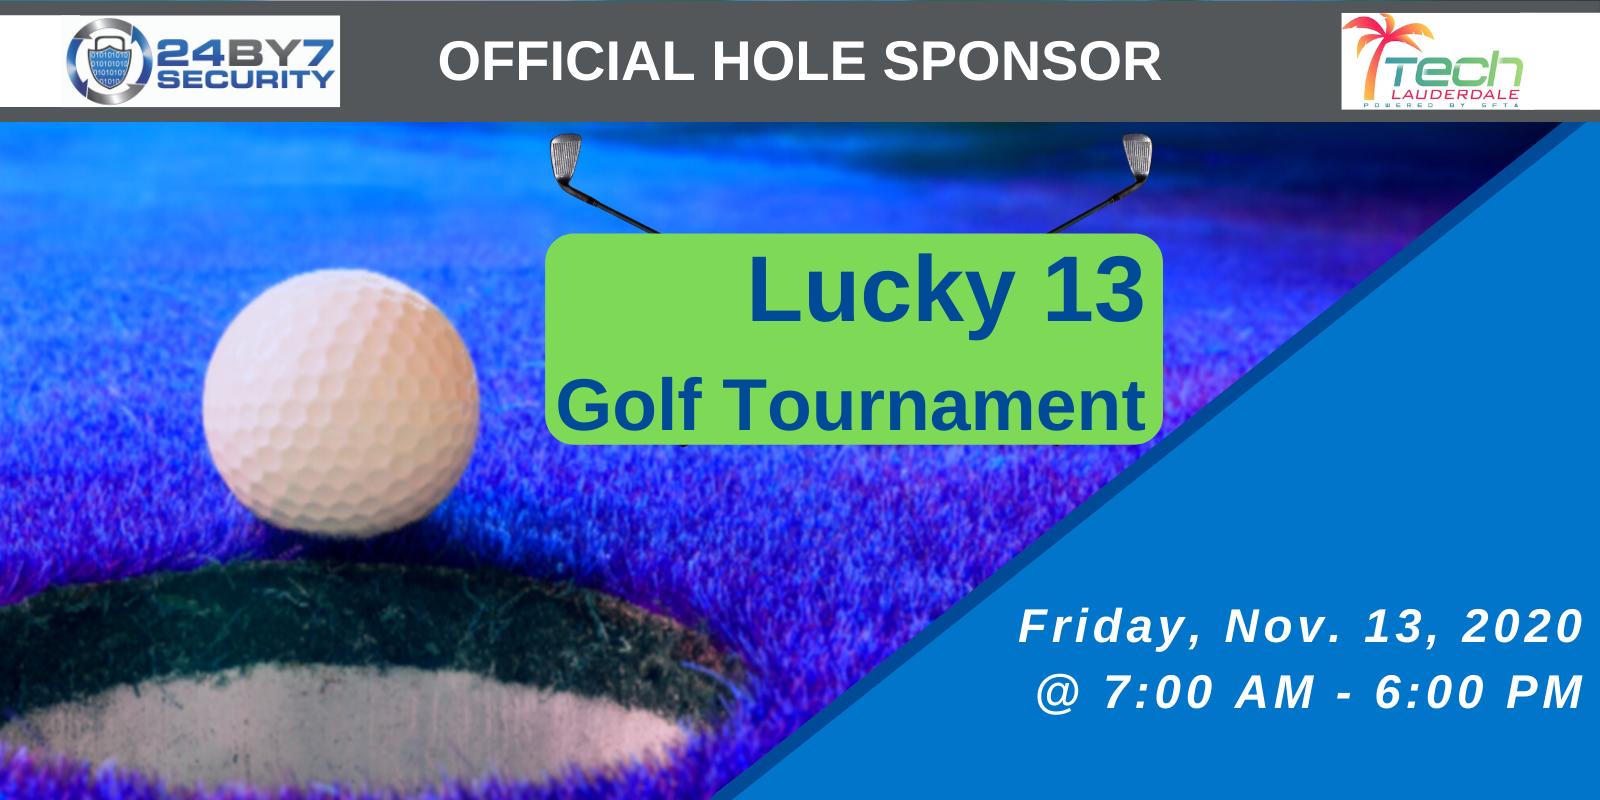 TechLauderdale Lucky 13 Golf Tournament